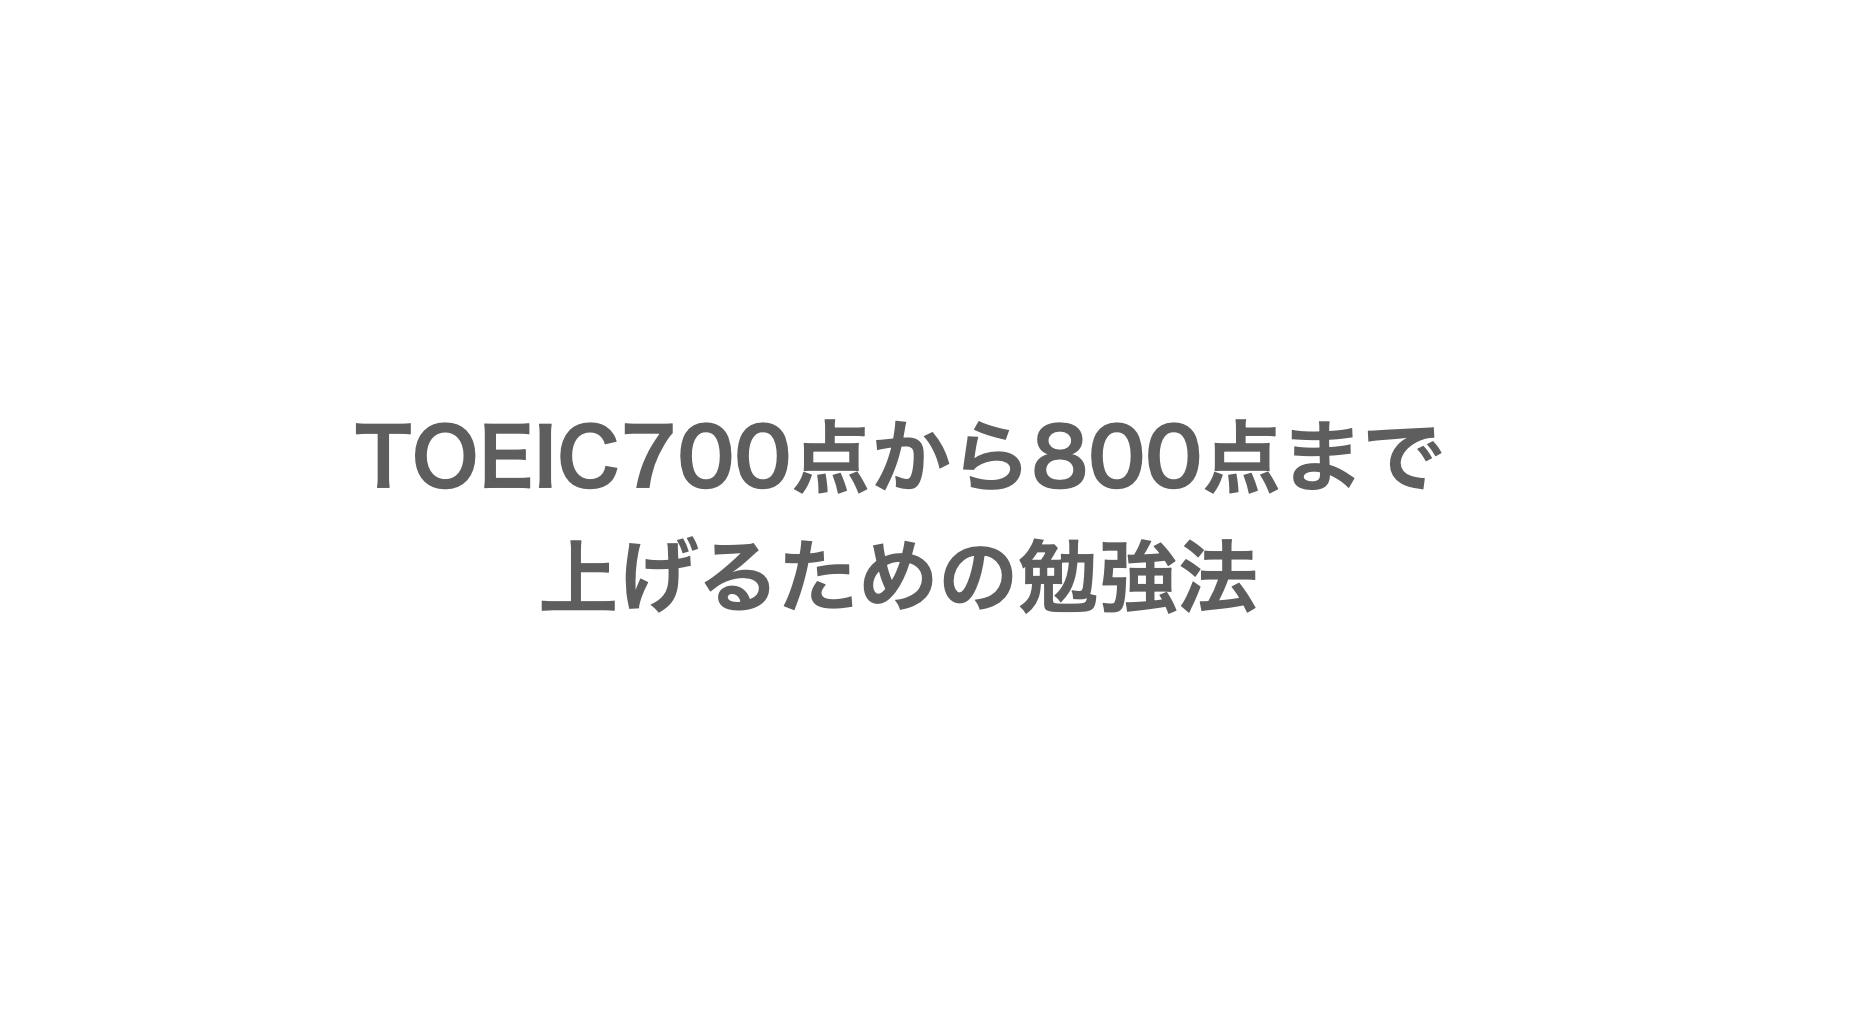 TOEIC700点から800点に上げた勉強法まとめ